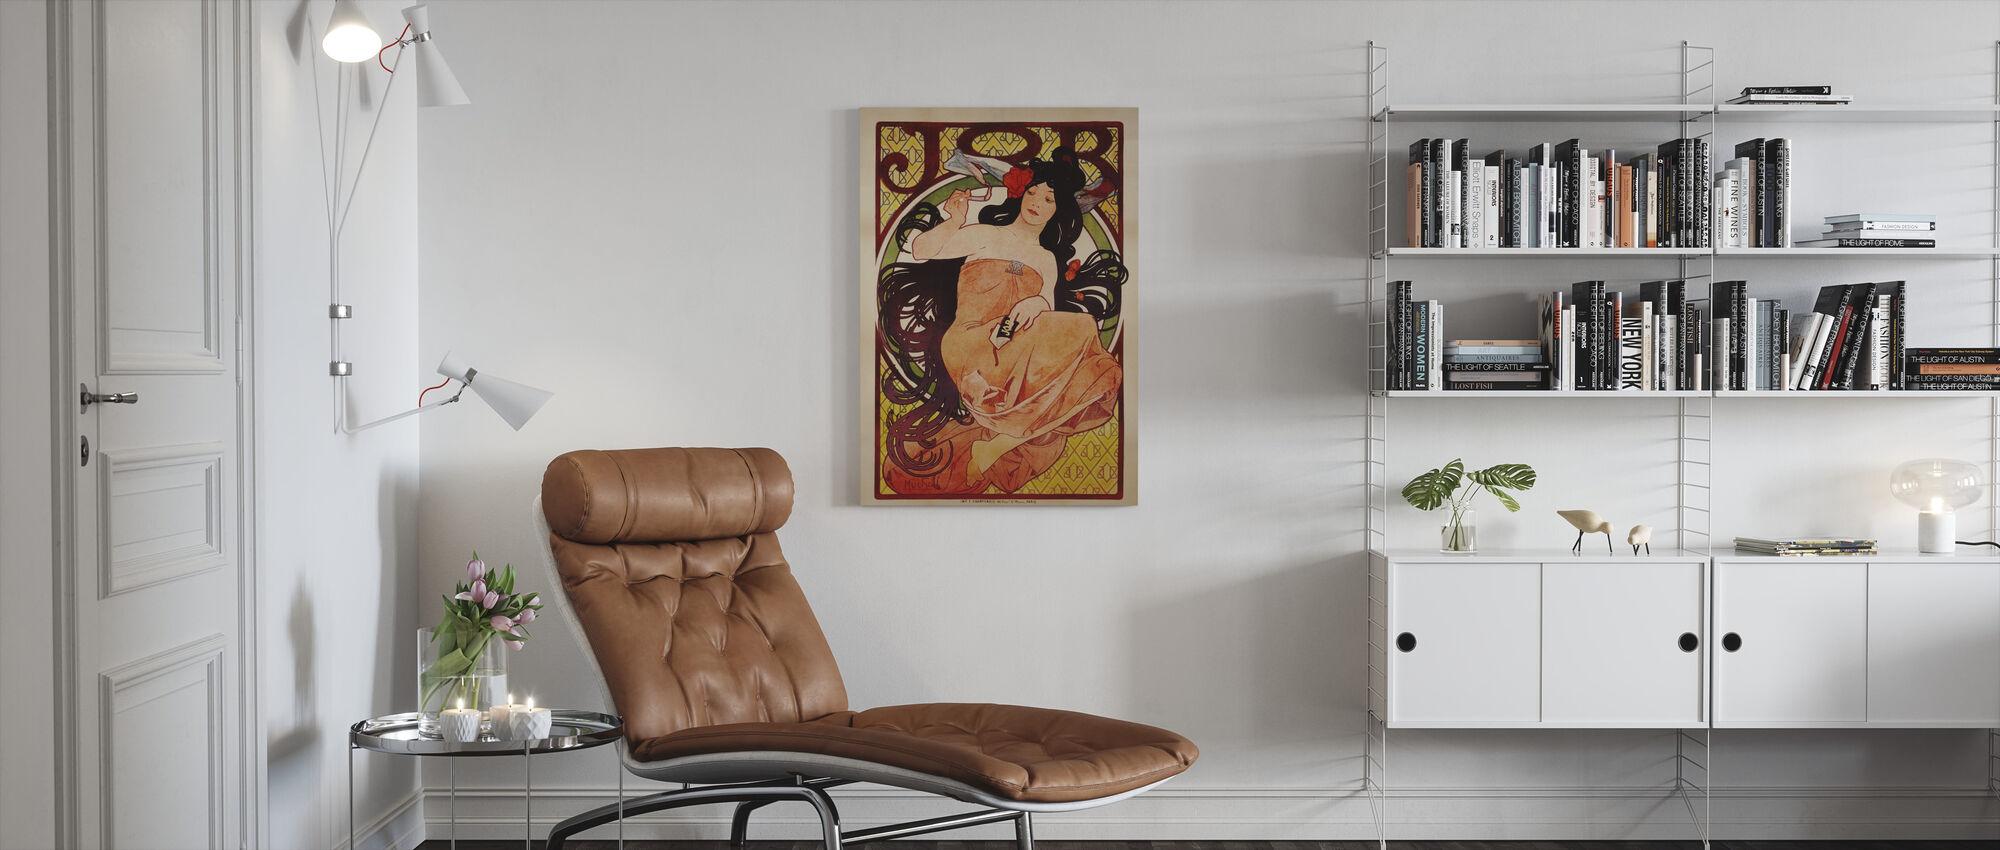 Alphonse Mucha - Jobb färg litho - Canvastavla - Vardagsrum